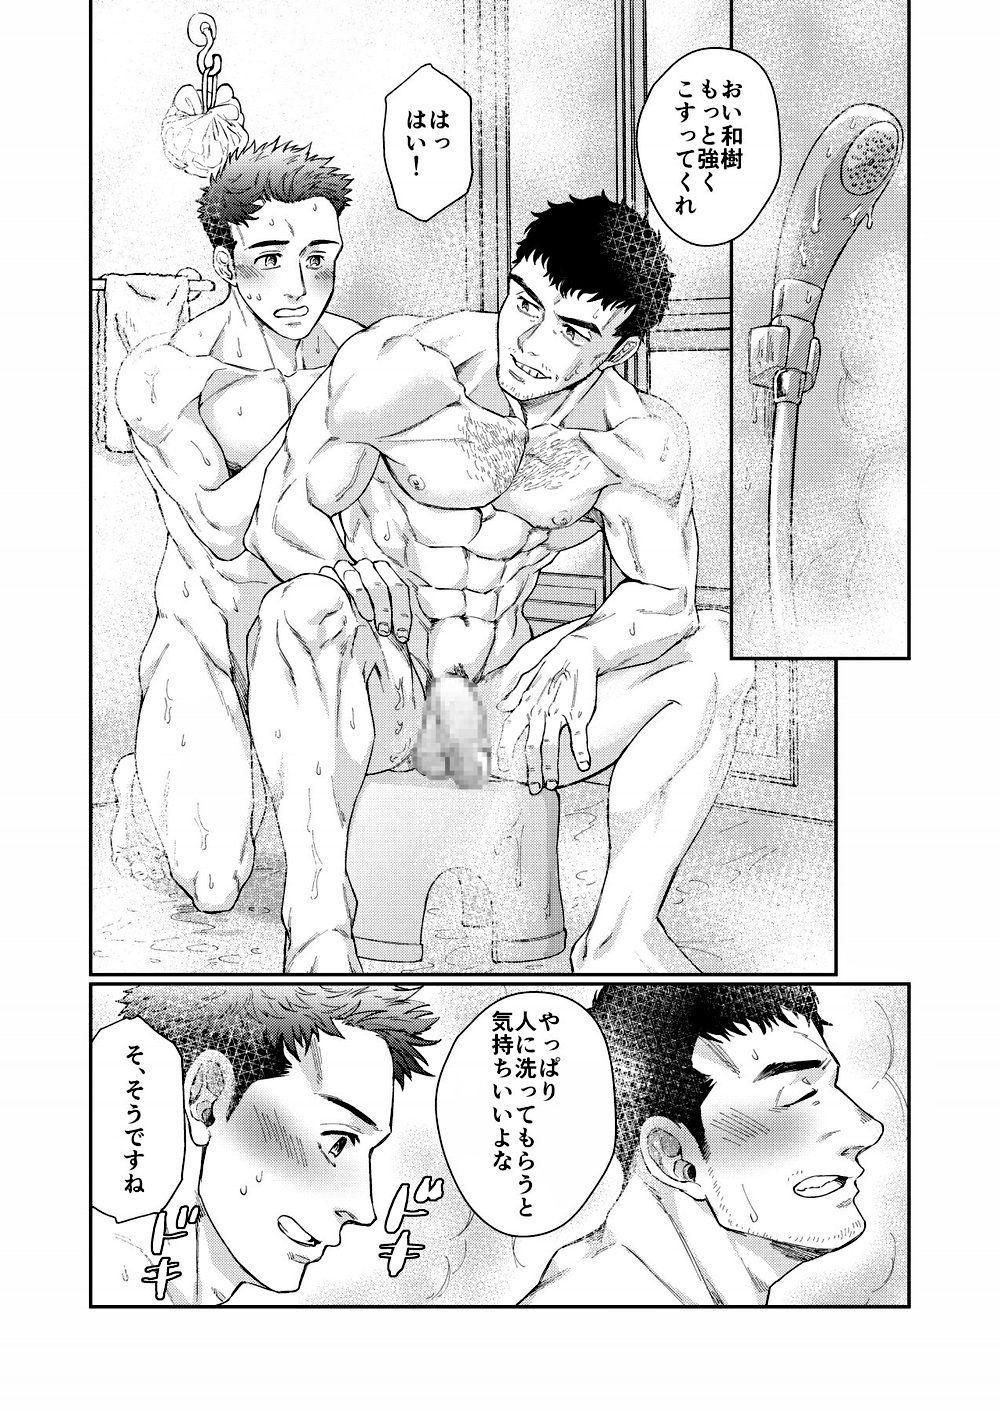 Kamishimo o nuide hitotsu bureikō 11